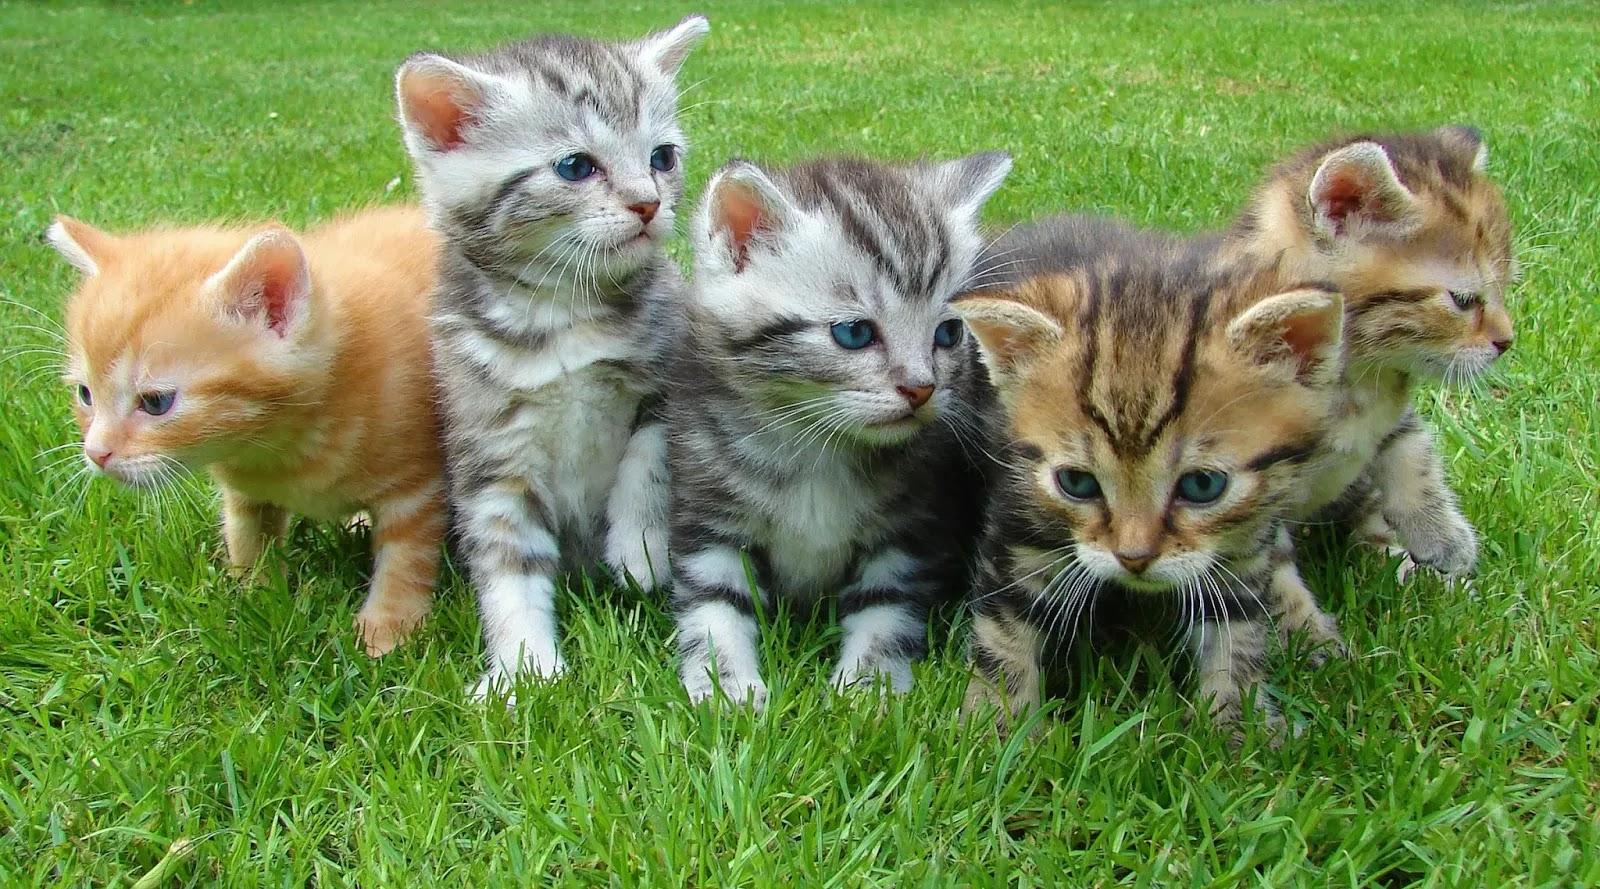 صور قطط ملونة وعنينها ملونة